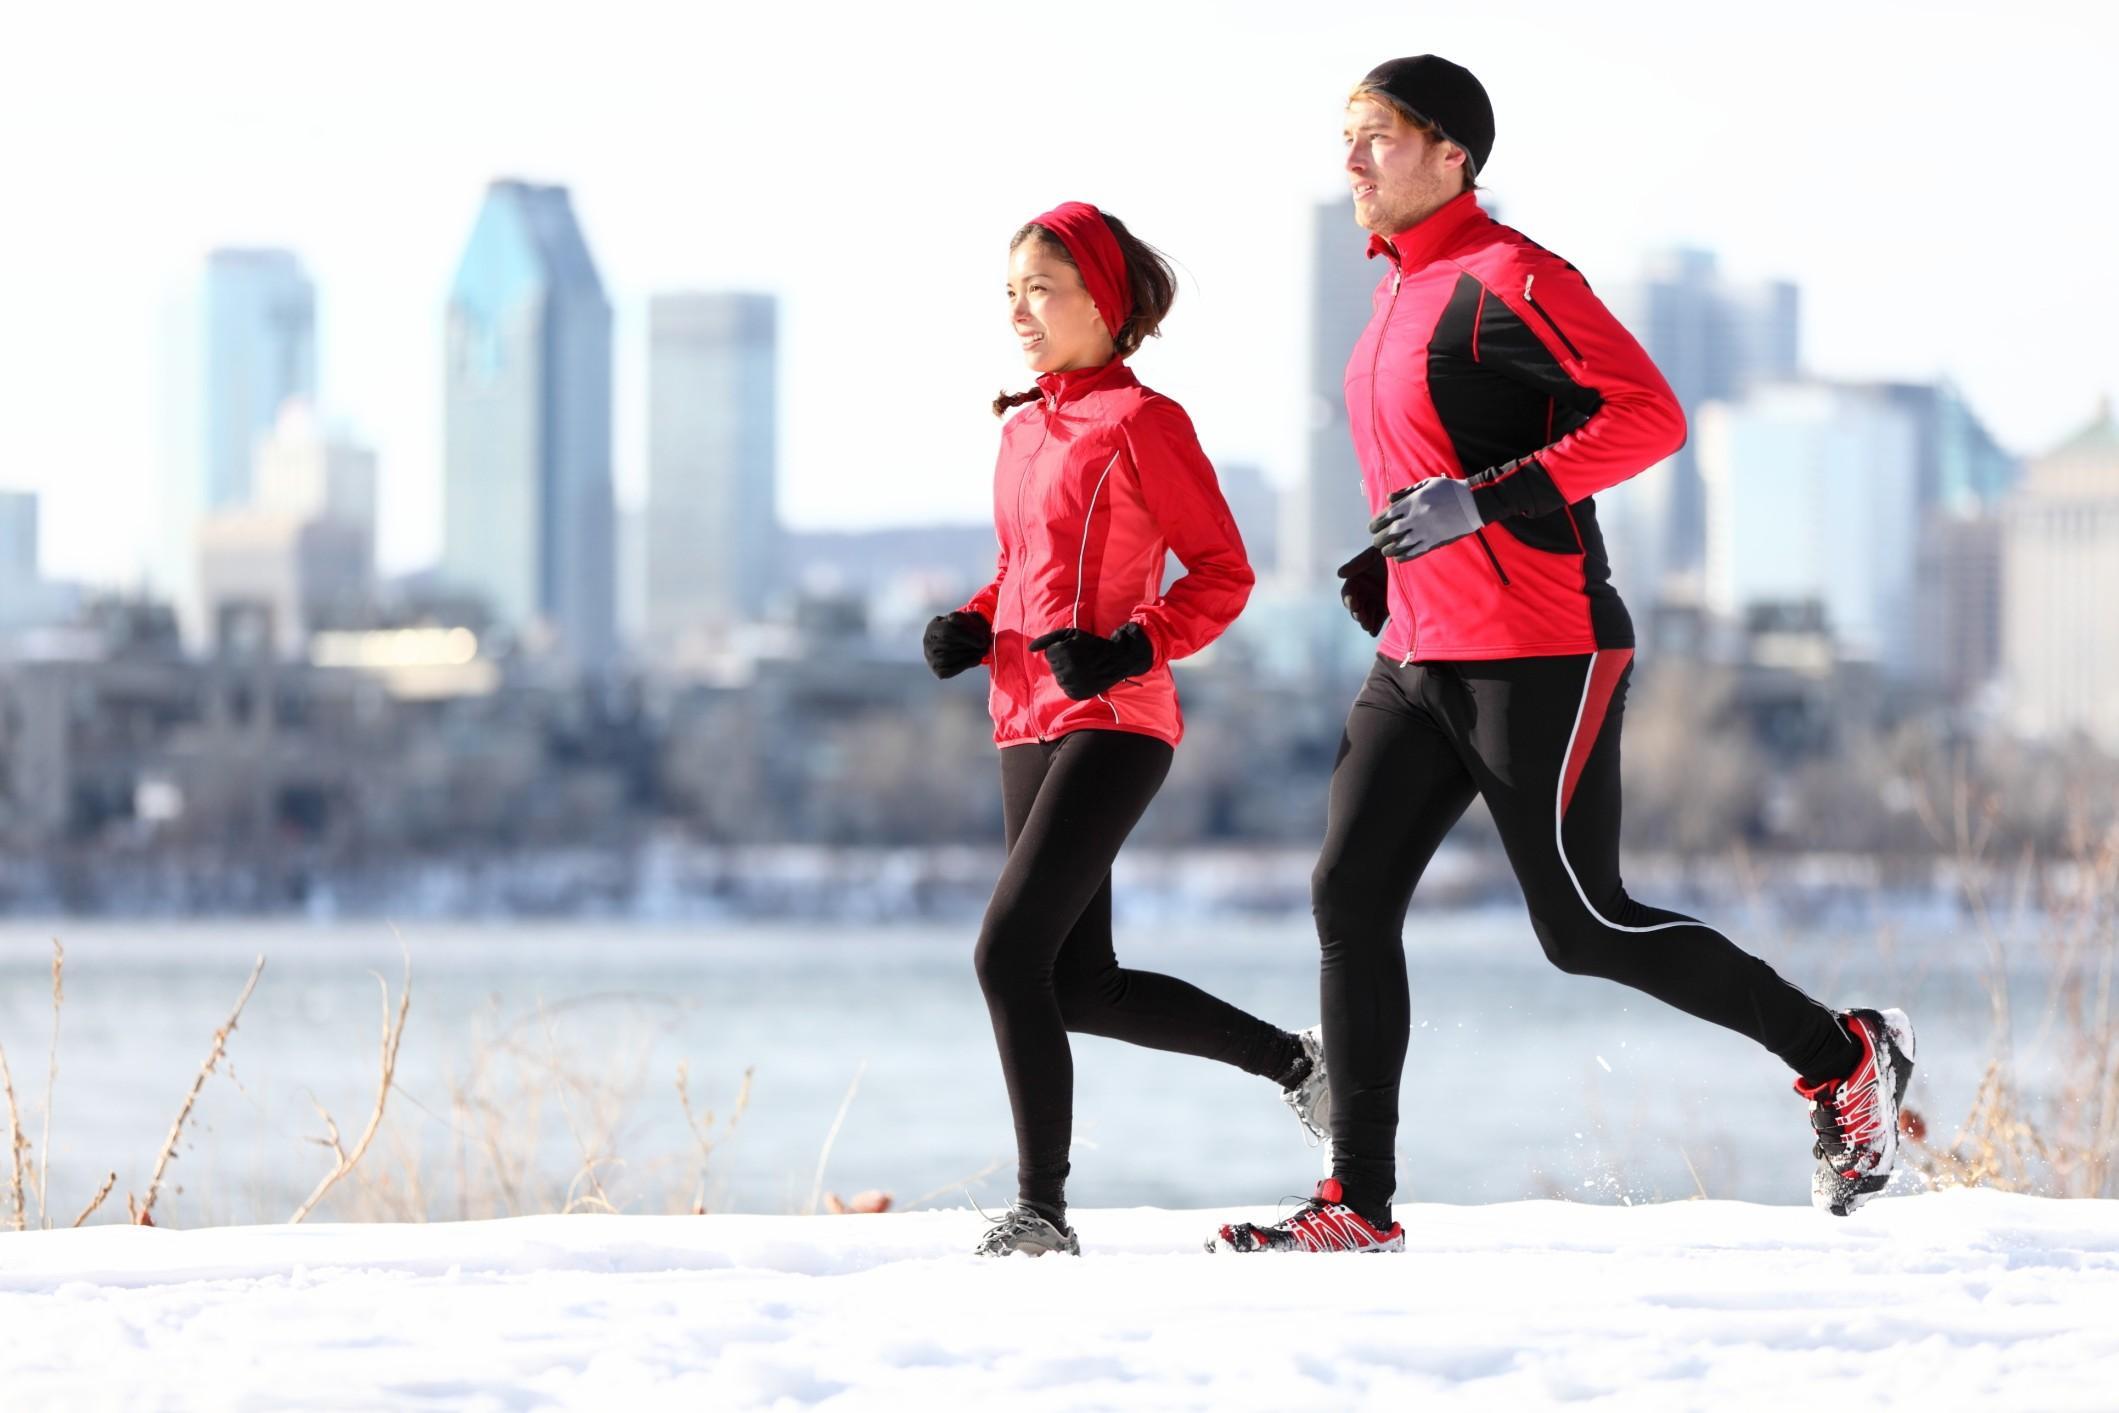 b238cc337db805 abbigliamento runner inverno Archivi - EquipeRun